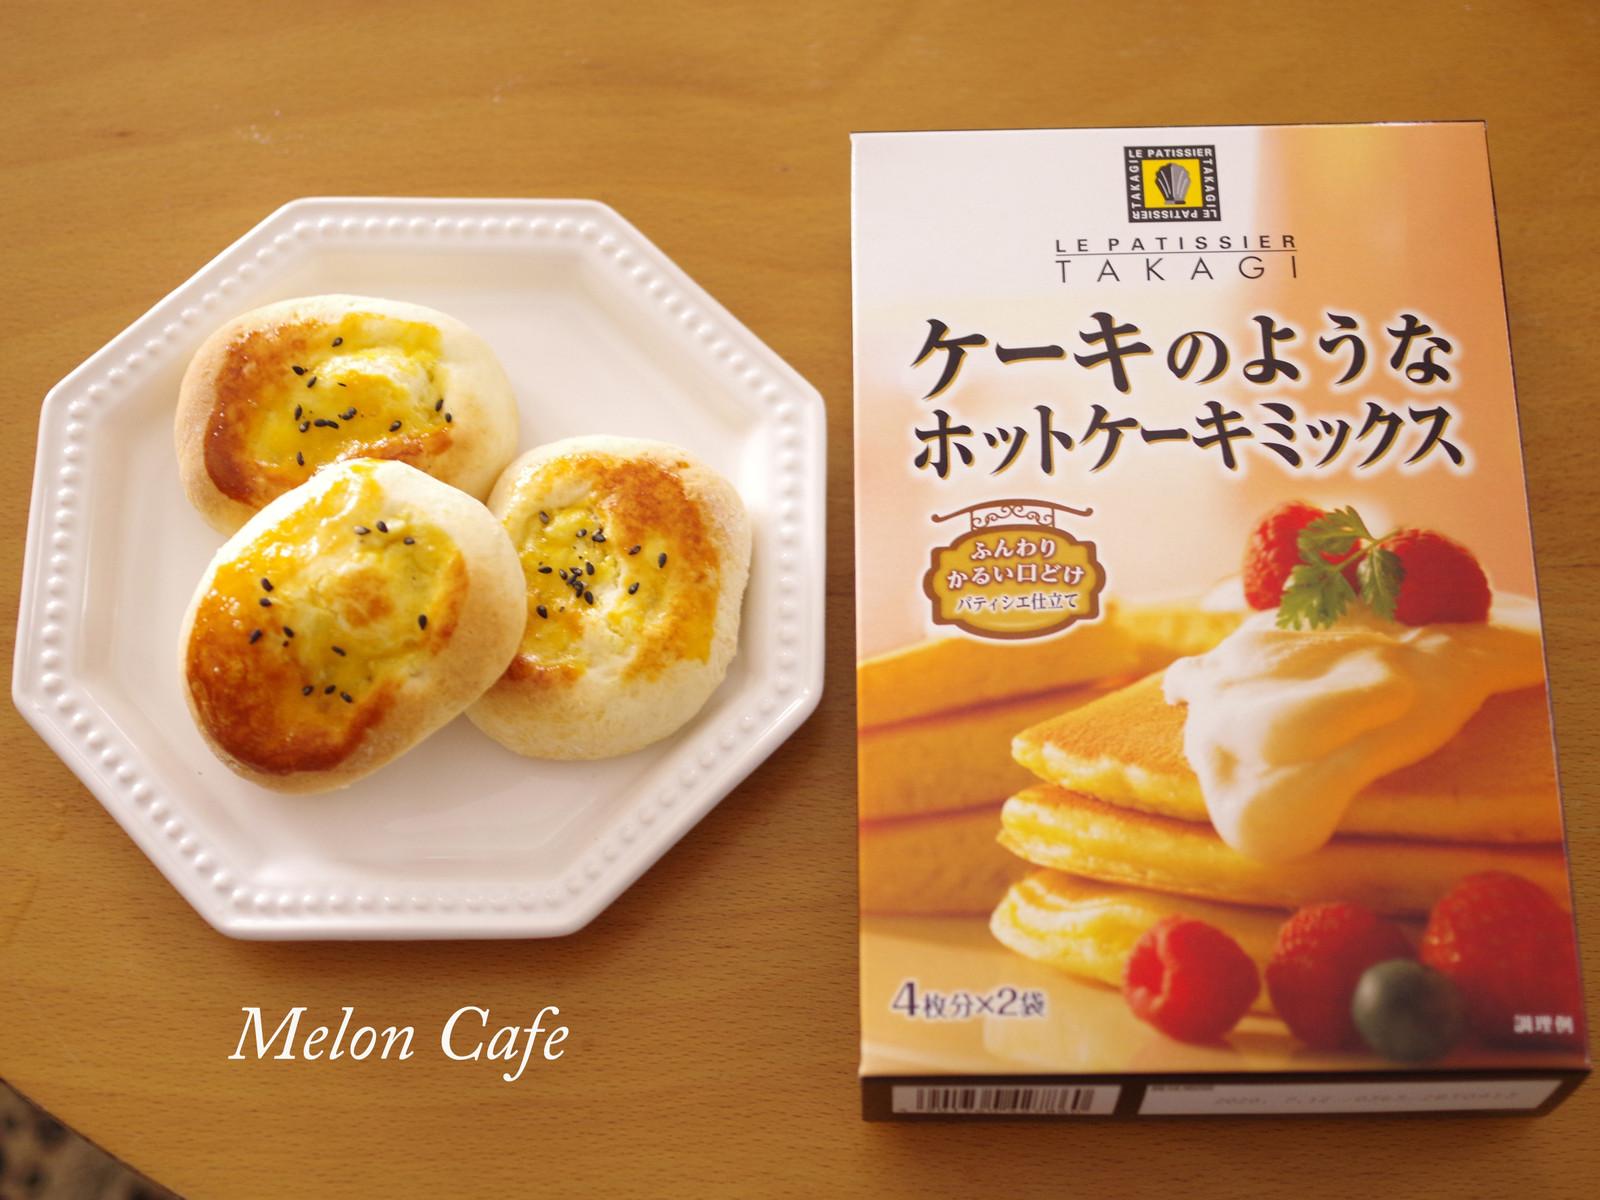 ホットケーキミックスで作る ぐるっとふわサク簡単さつまいもパン クイックパン フーディストアワード2019レシピ フォトコンテスト 参加レシピ めろんカフェ Powered By ライブドアブログ